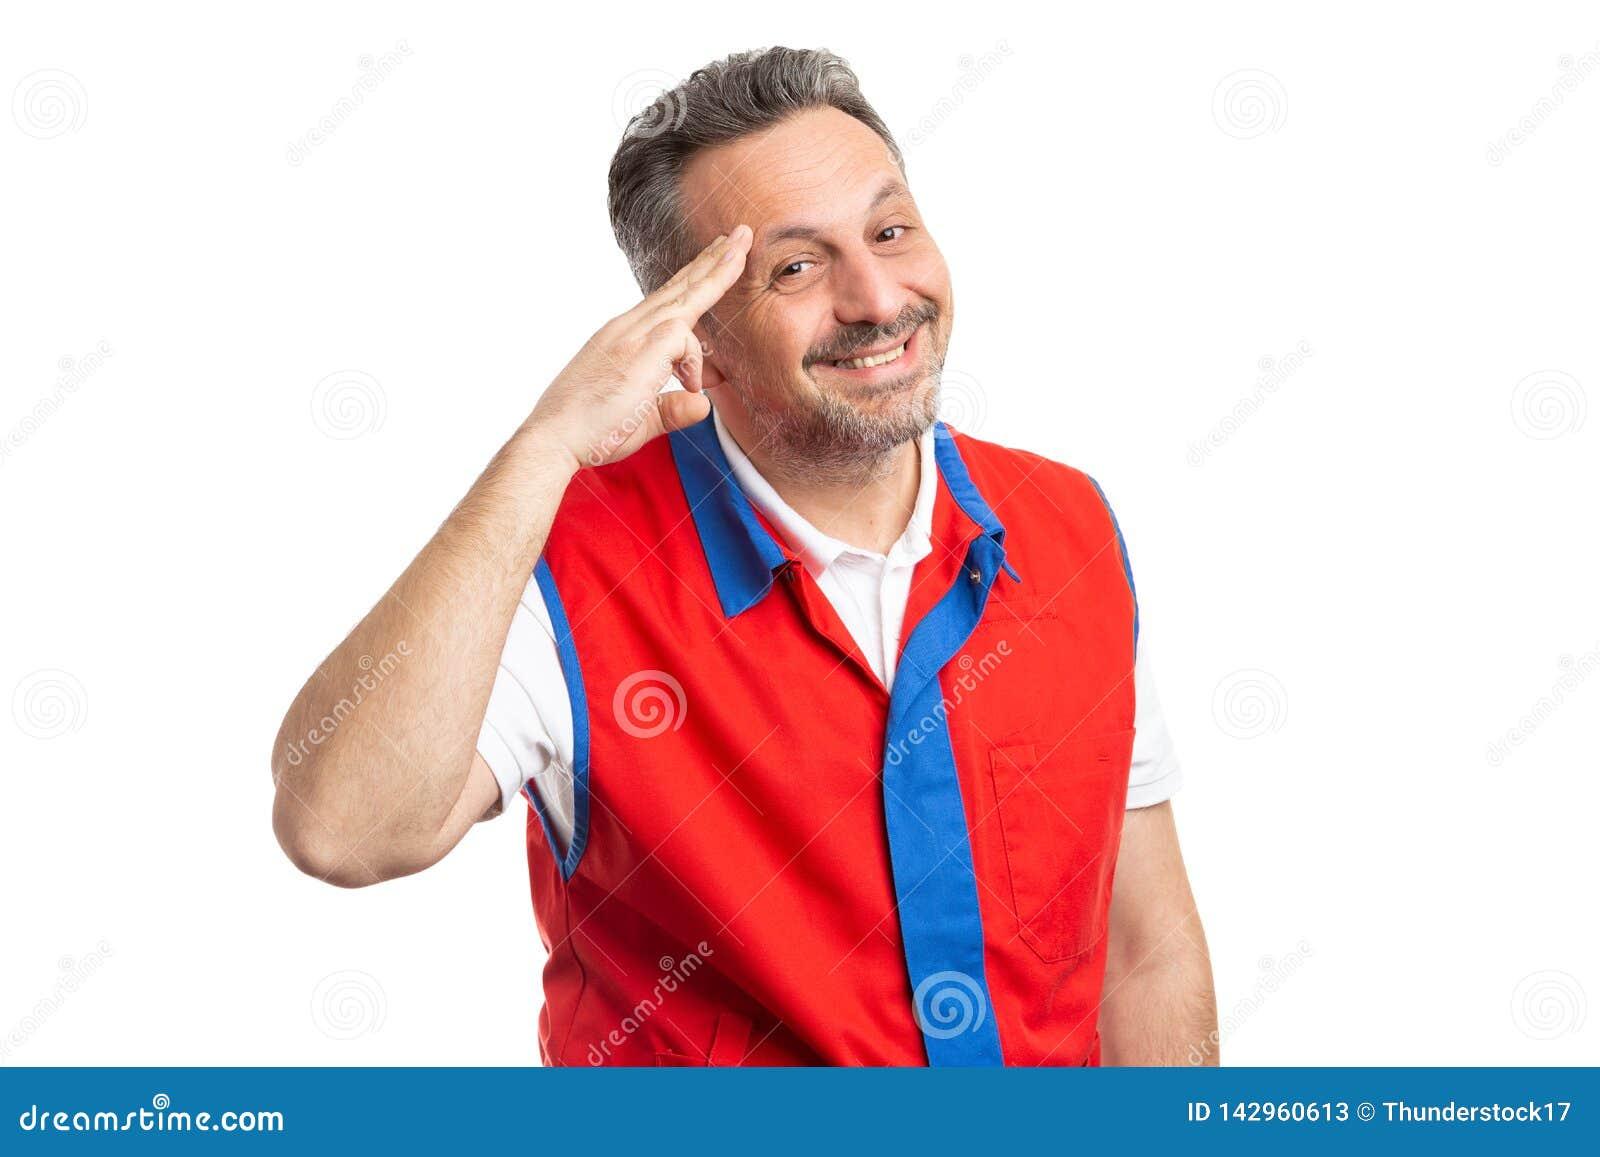 Работник гипермаркета делая военное приветствие с рукой